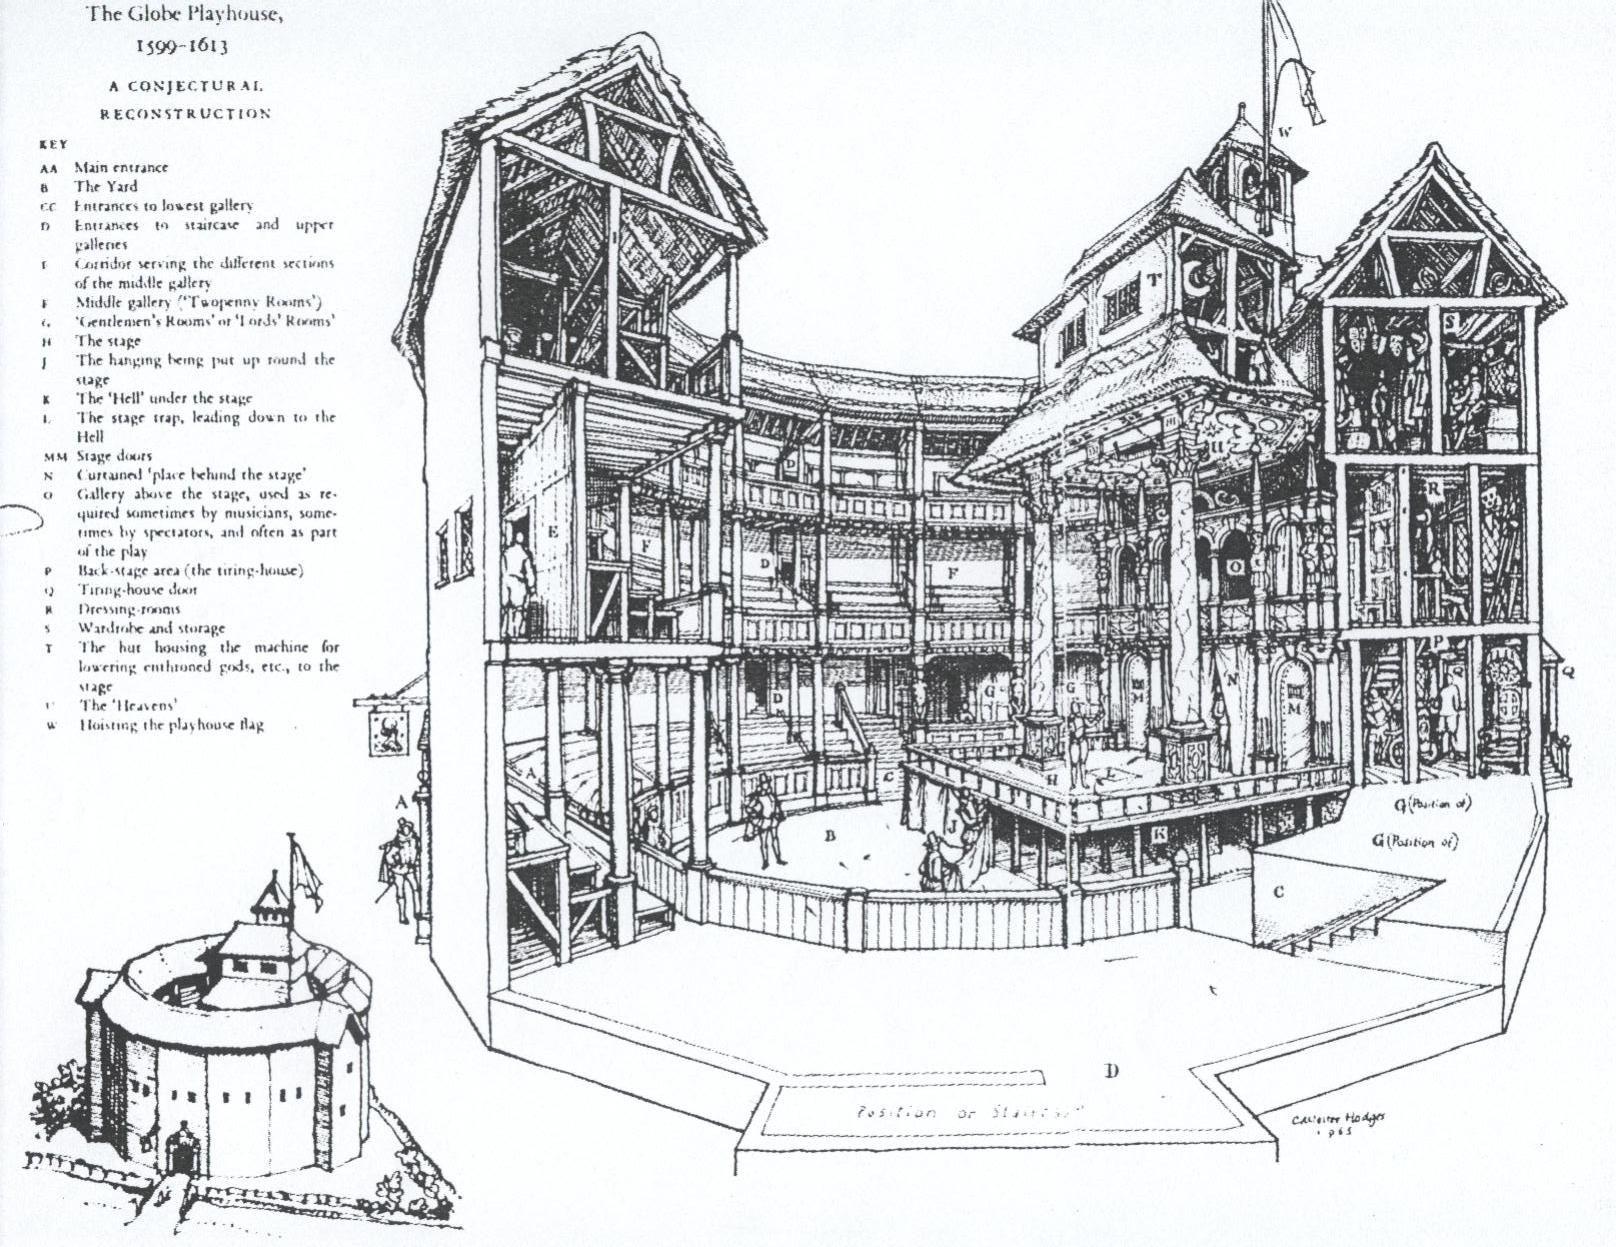 Labeling The Globe Theatre